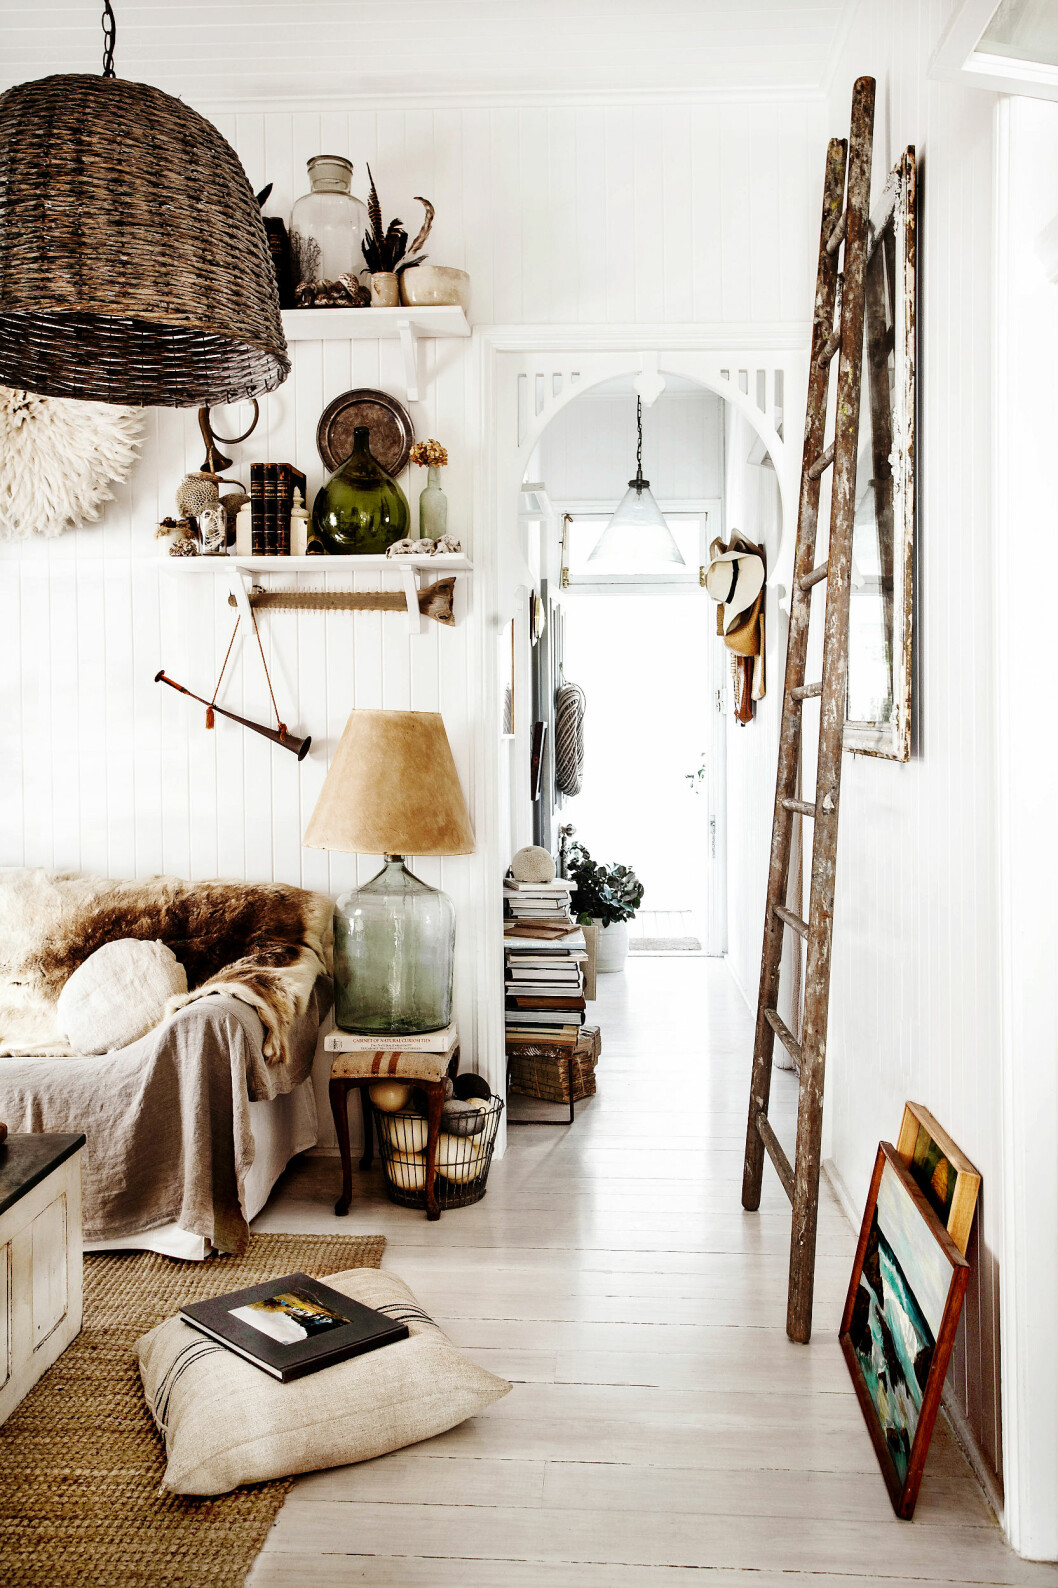 HJEMMELAGET: Stuen er rommet for en rolig stund i sofaen med det lunende reinsdyrskinnet. Lampen har Kara laget av en gammel glassflaske, - en demijohn, som tidligere ble brukt til oppbevaring, transport og salg av blant annet oljer, eddik, vin og øl.En gammel stige brukt til epleplukking dekorerer veggen. Foto: Kara Rosenlund